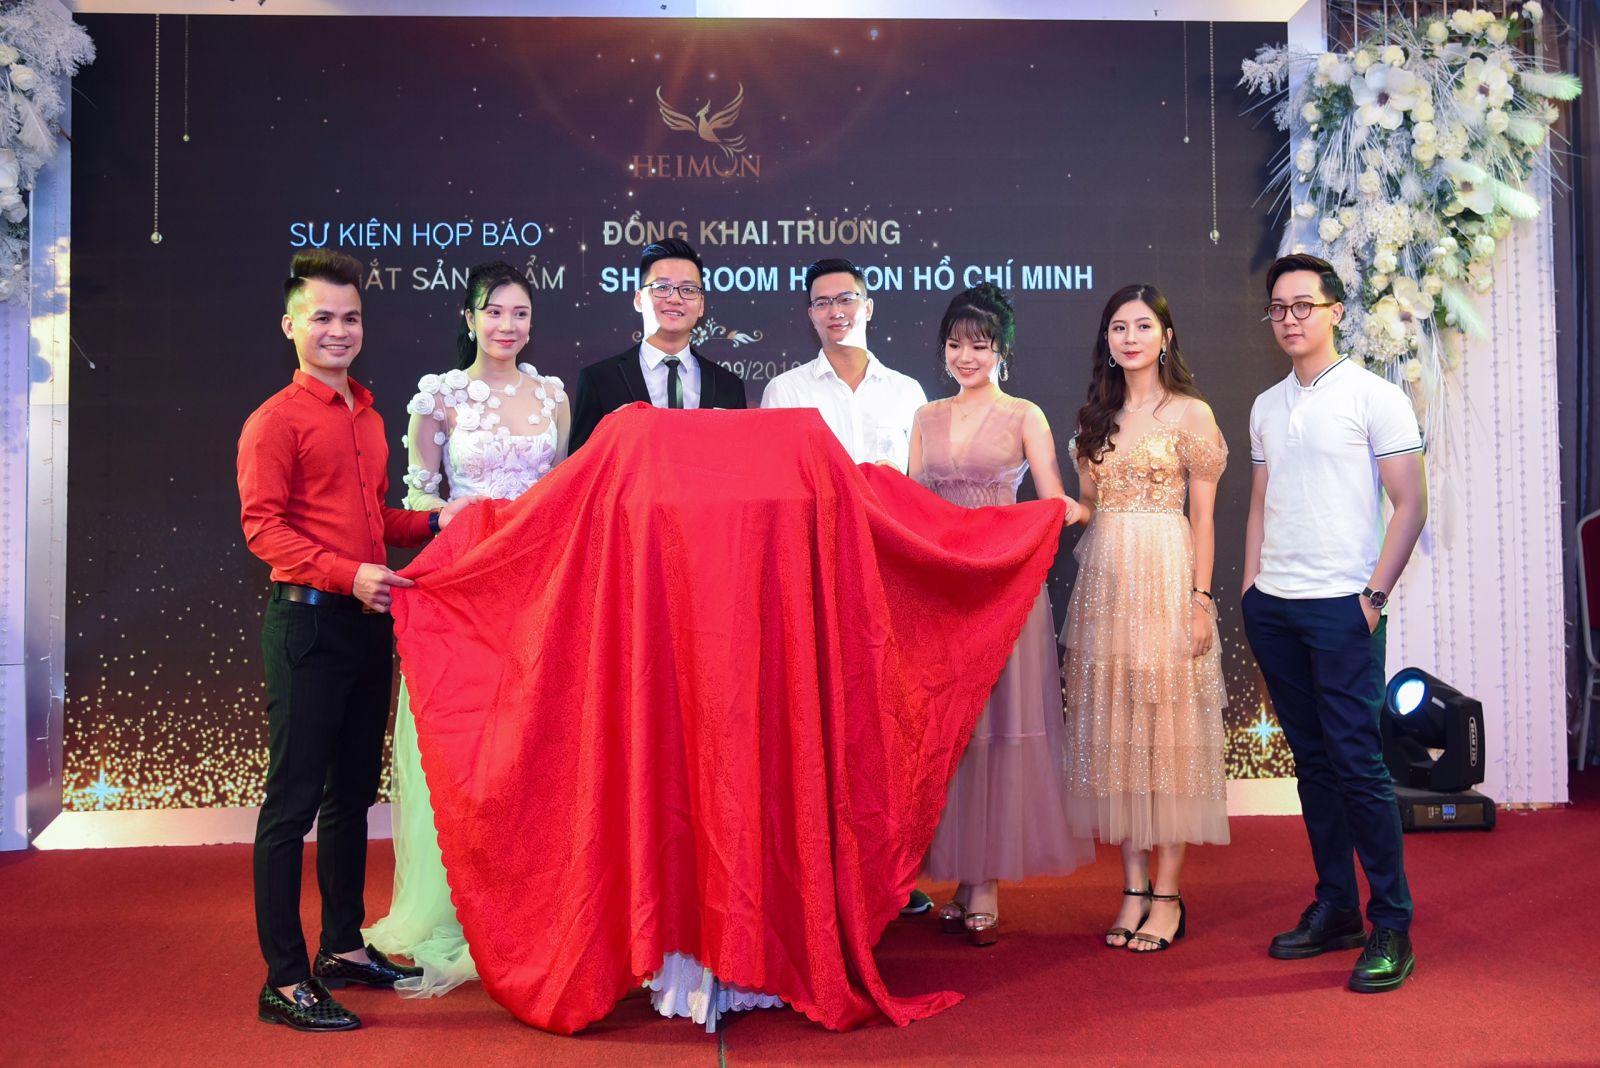 Khai trương Showroom TP Hồ Chí Minh -Ra mắt bộ sản phẩm cho nam, cải tiến bao bì cho bộ sảnphẩm nữ